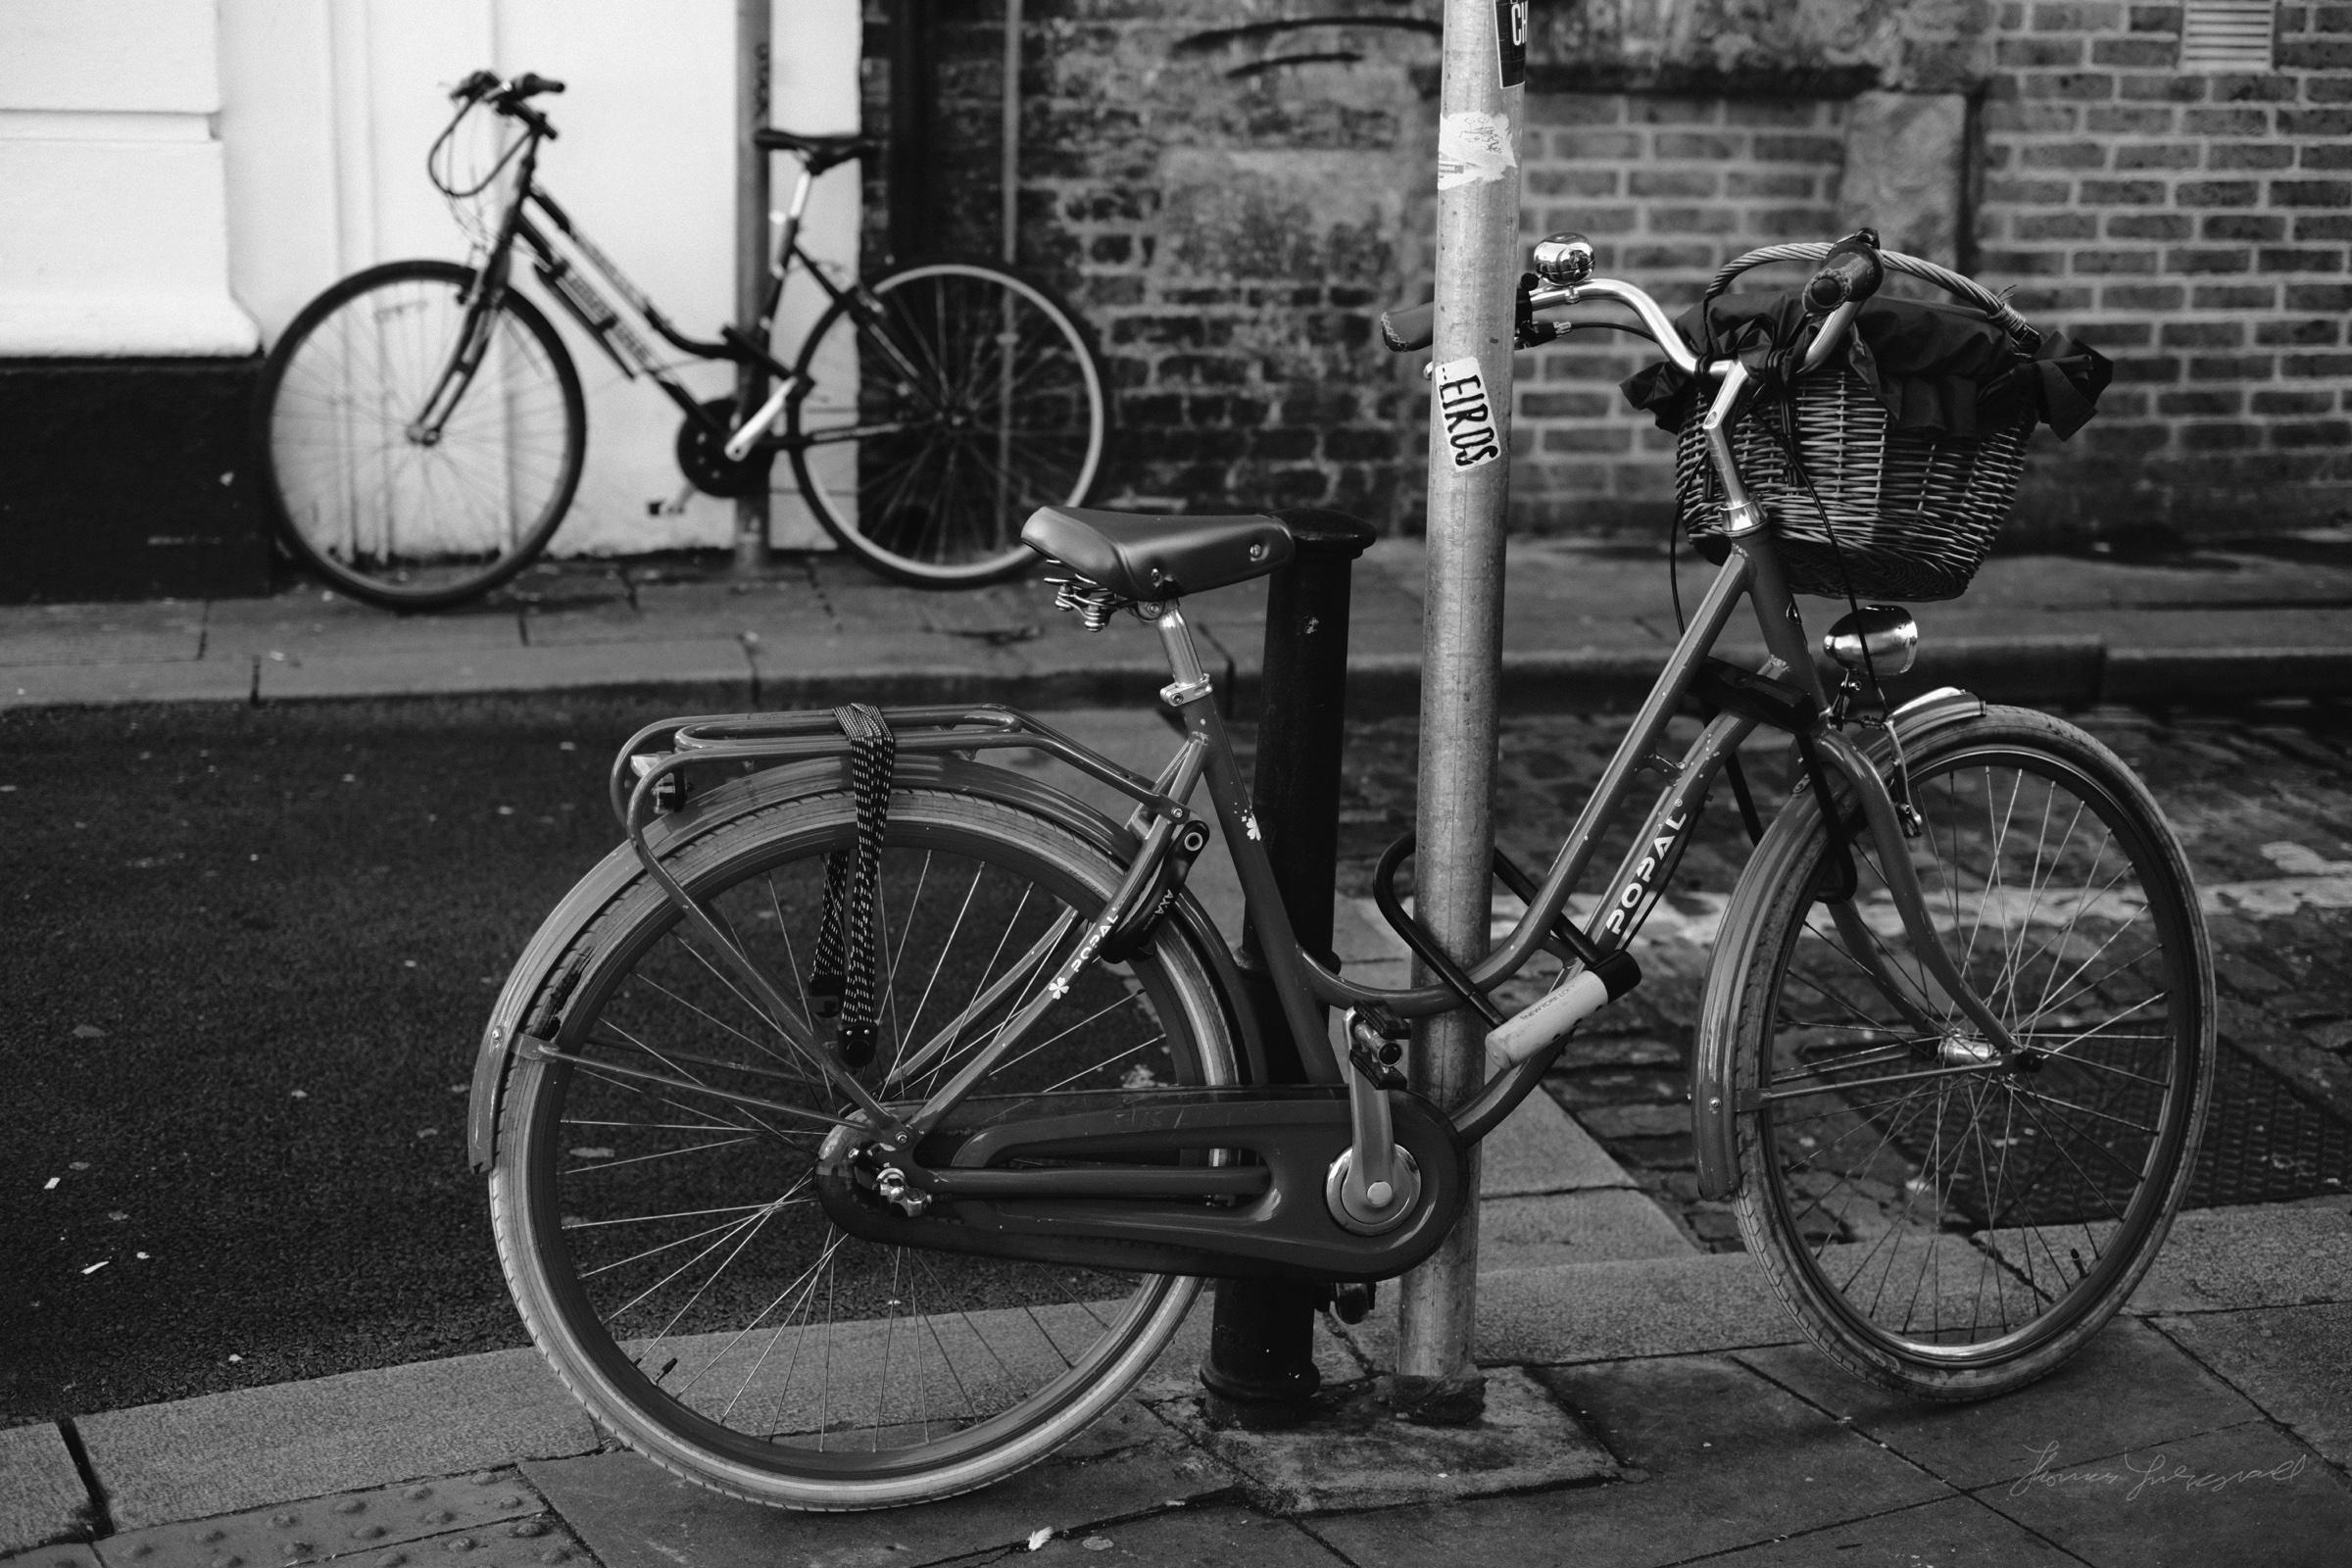 Street-Photography-Dublin-X-Pro2-Acros-023.jpg